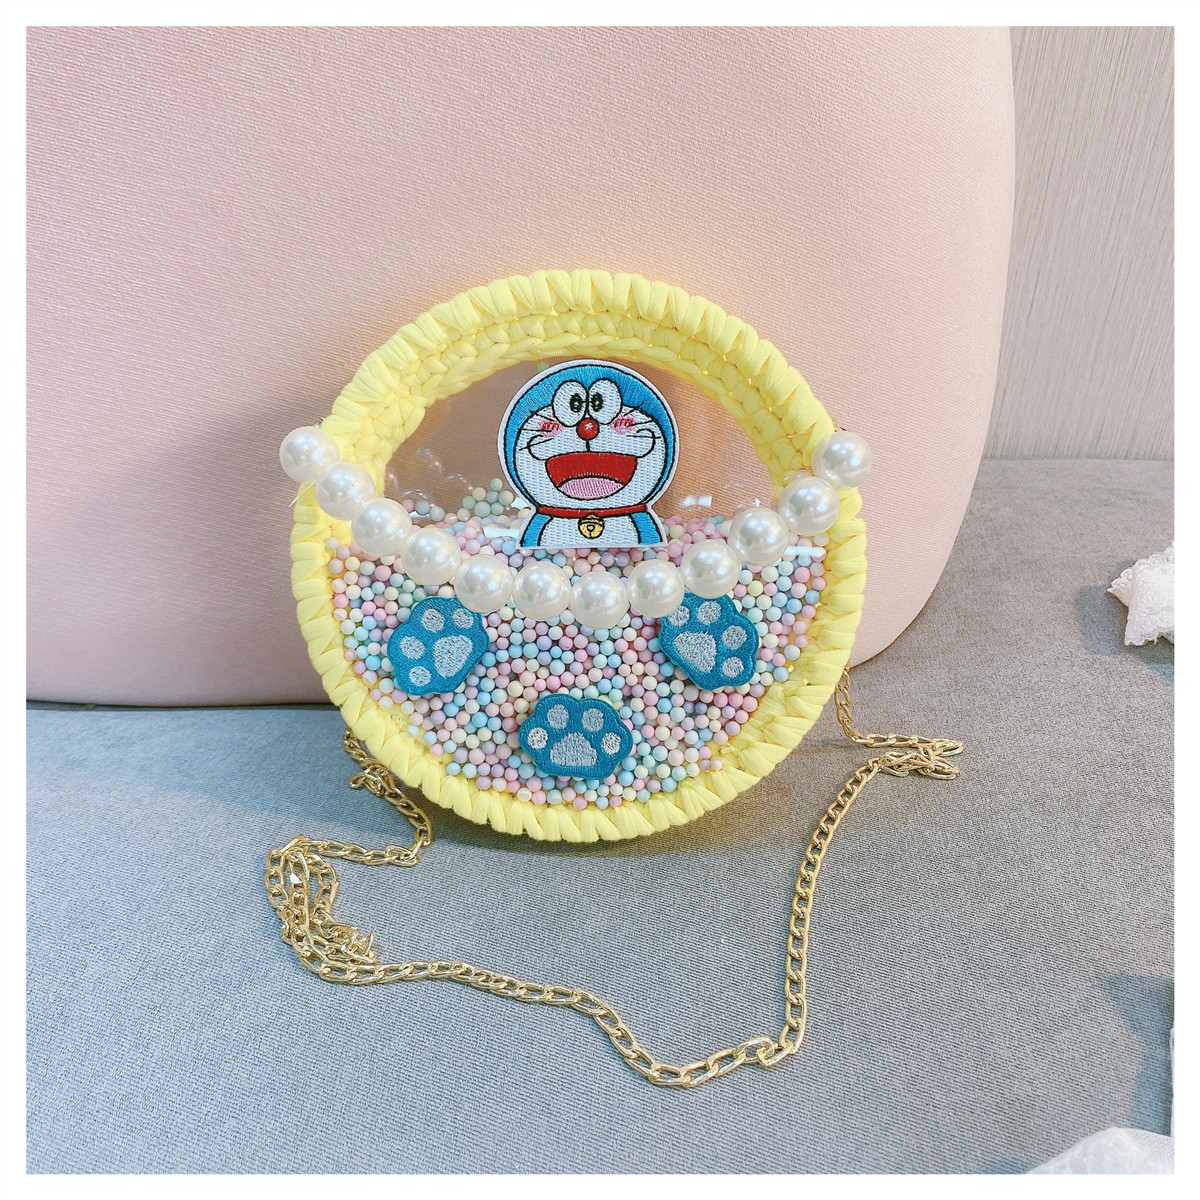 卡通可爱哆啦梦手工编织包包材料包自制手织送女友透明小圆包详细照片